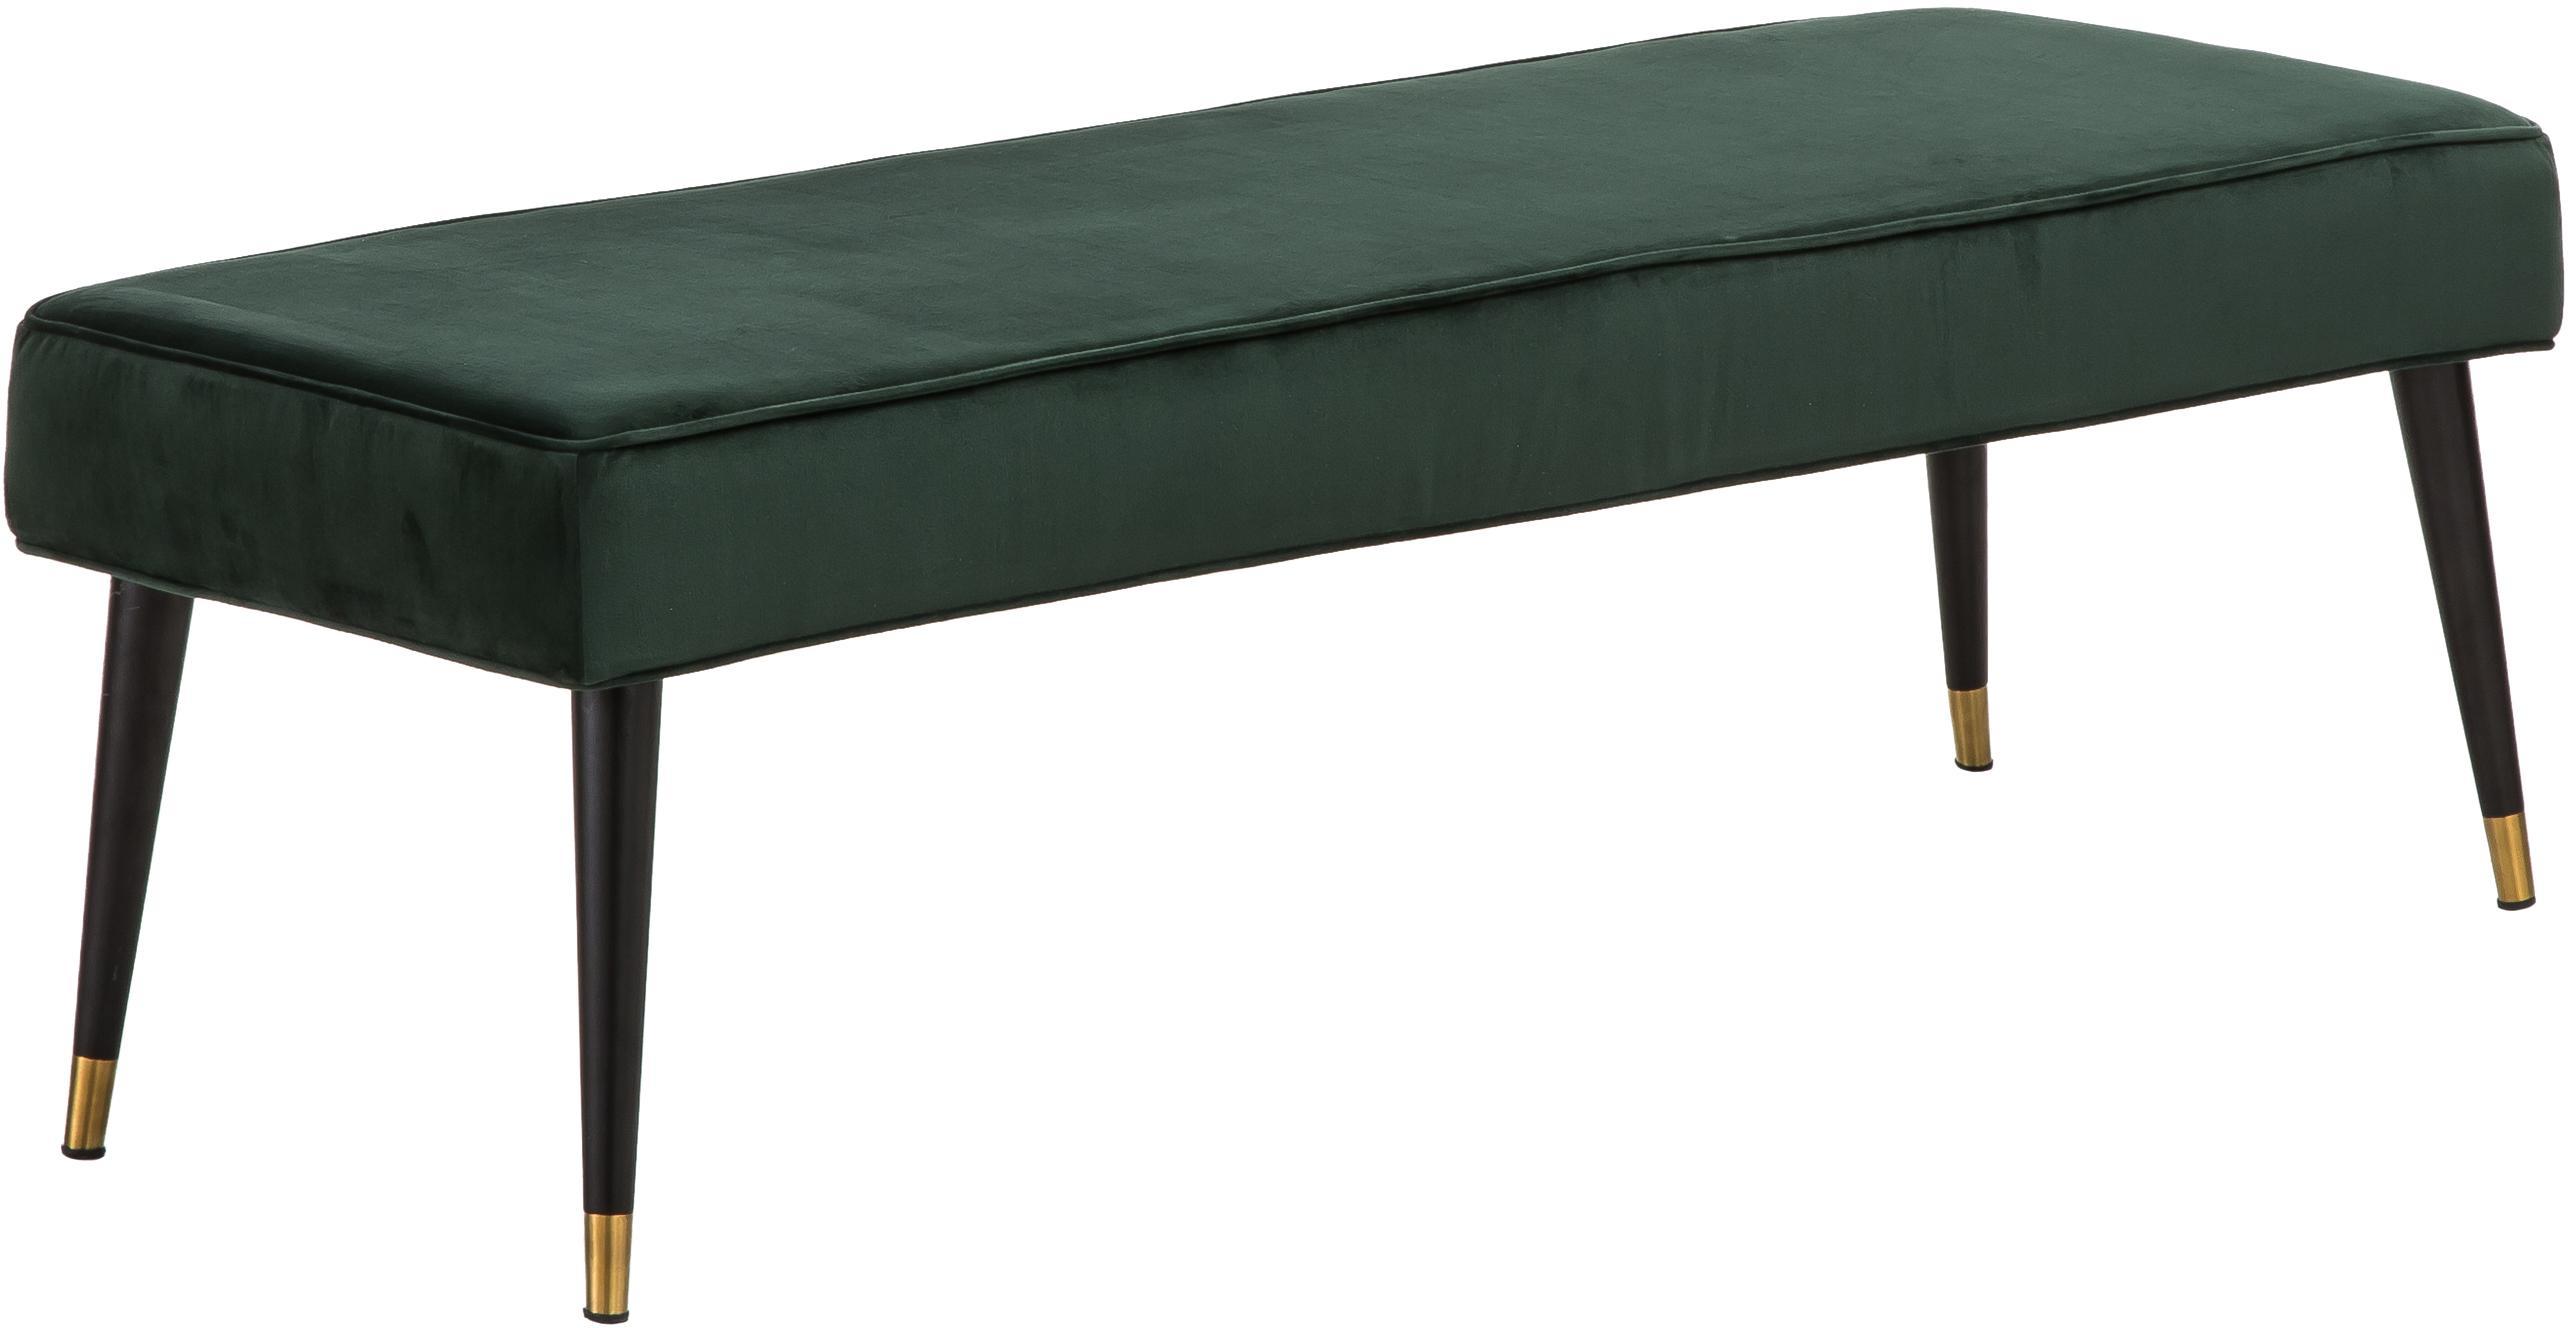 Banco de terciopelo Beverly, Tapizado: terciopelo (poliéster) 50, Estructura: madera de eucalipto, Patas: metal con pintura en polv, Verde oscuro, An 140 x Al 46 cm